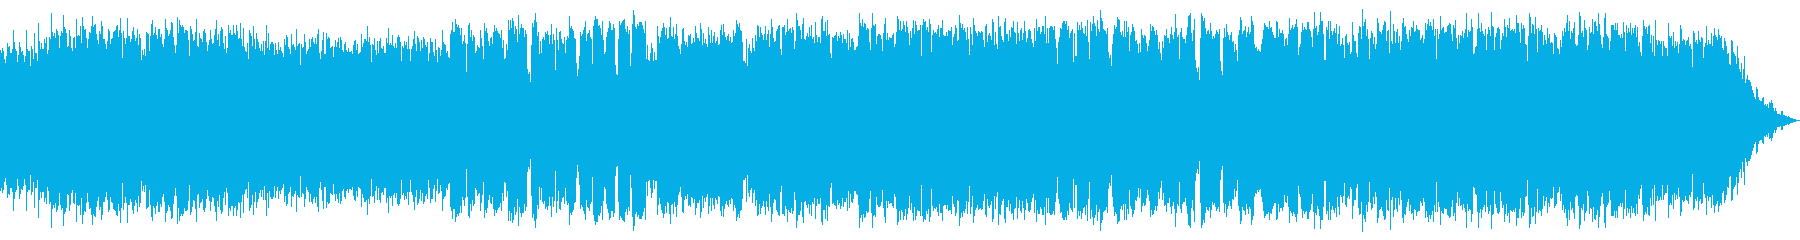 竹笛の穏やかでせつない音楽の再生済みの波形